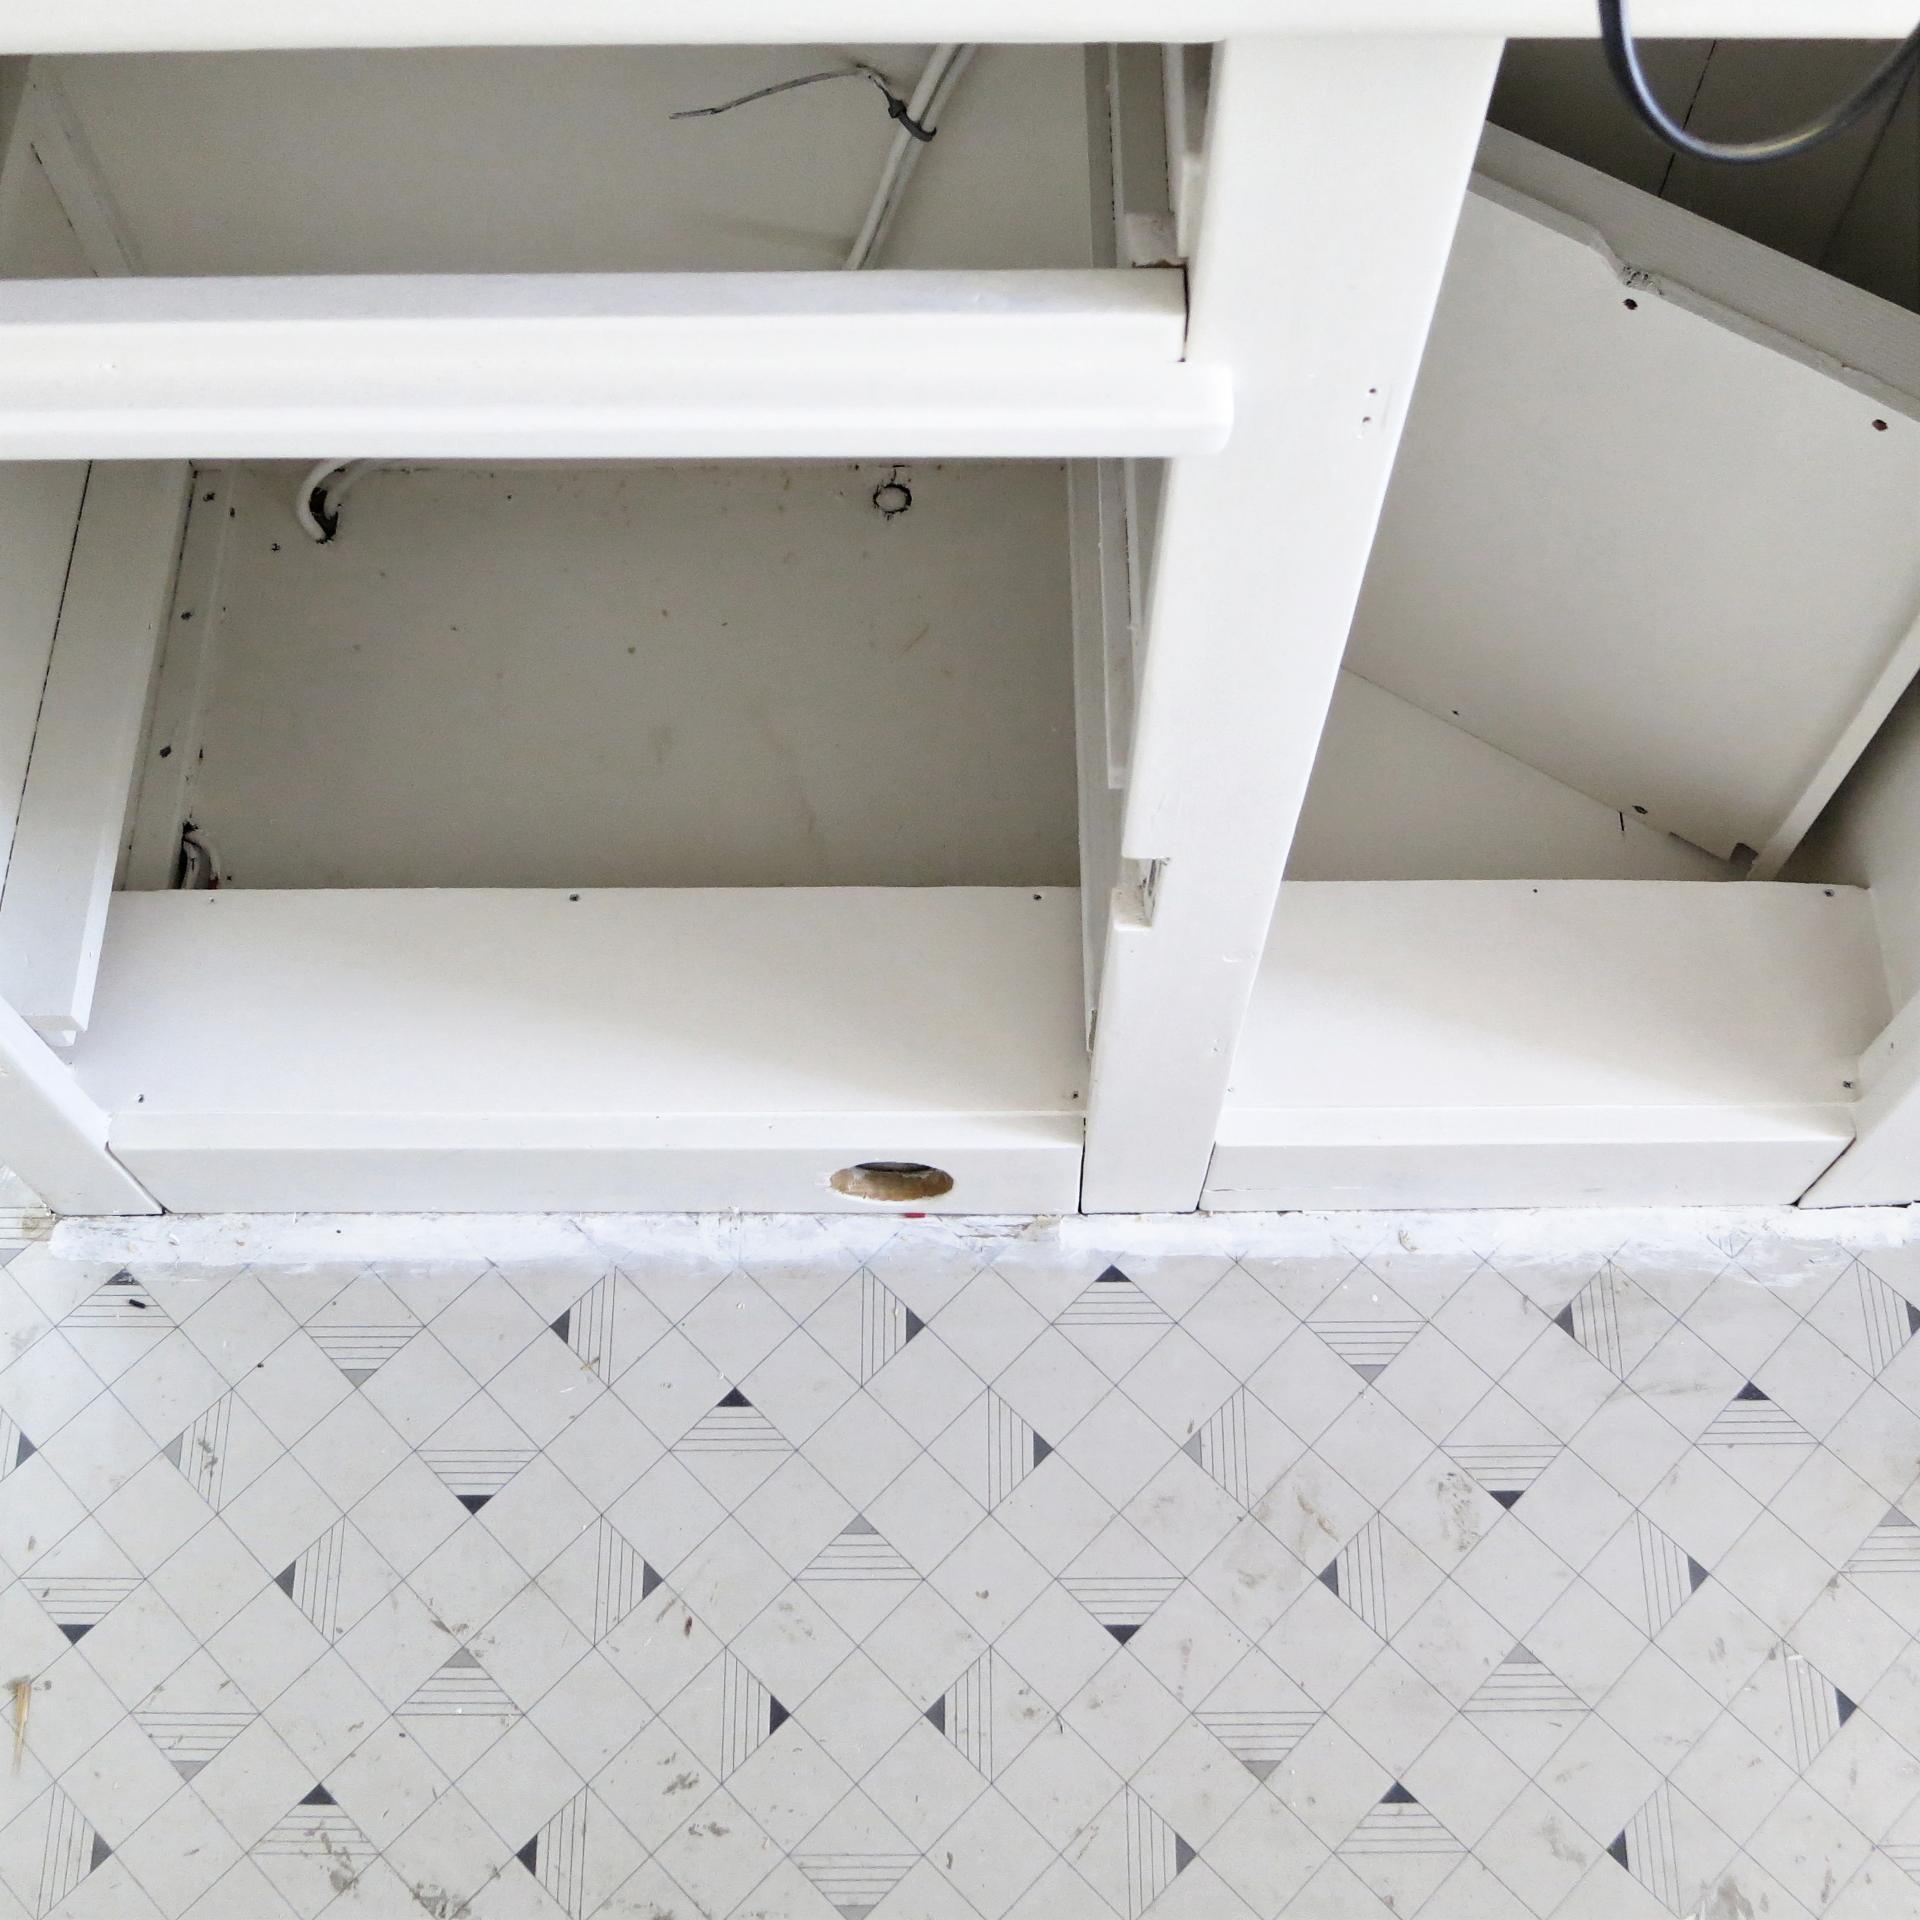 das ende naht 14qm. Black Bedroom Furniture Sets. Home Design Ideas